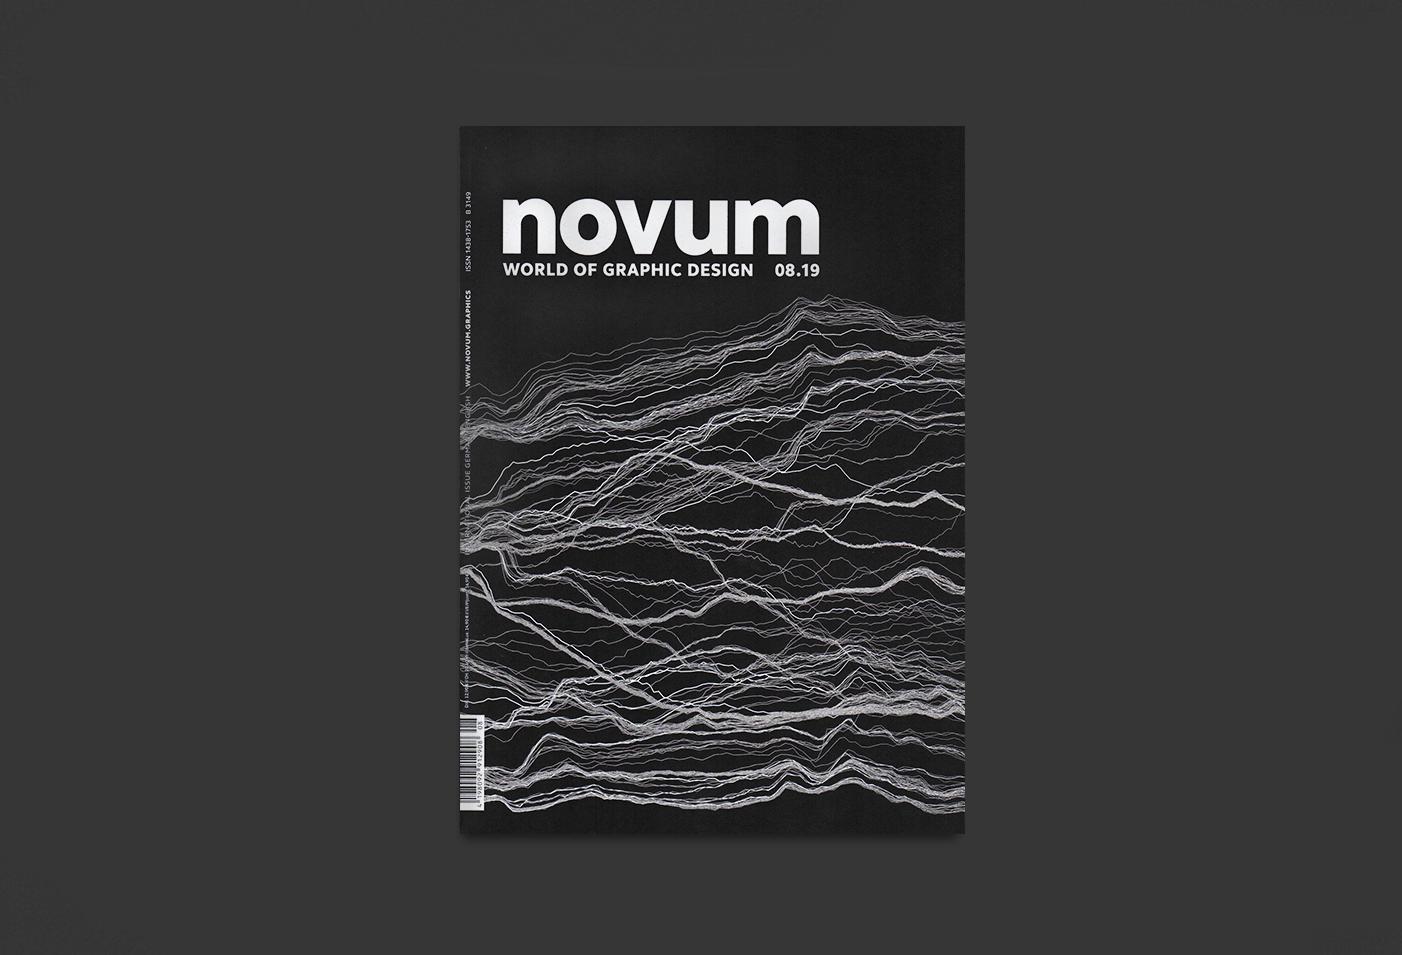 NOVUM_COVER.jpg